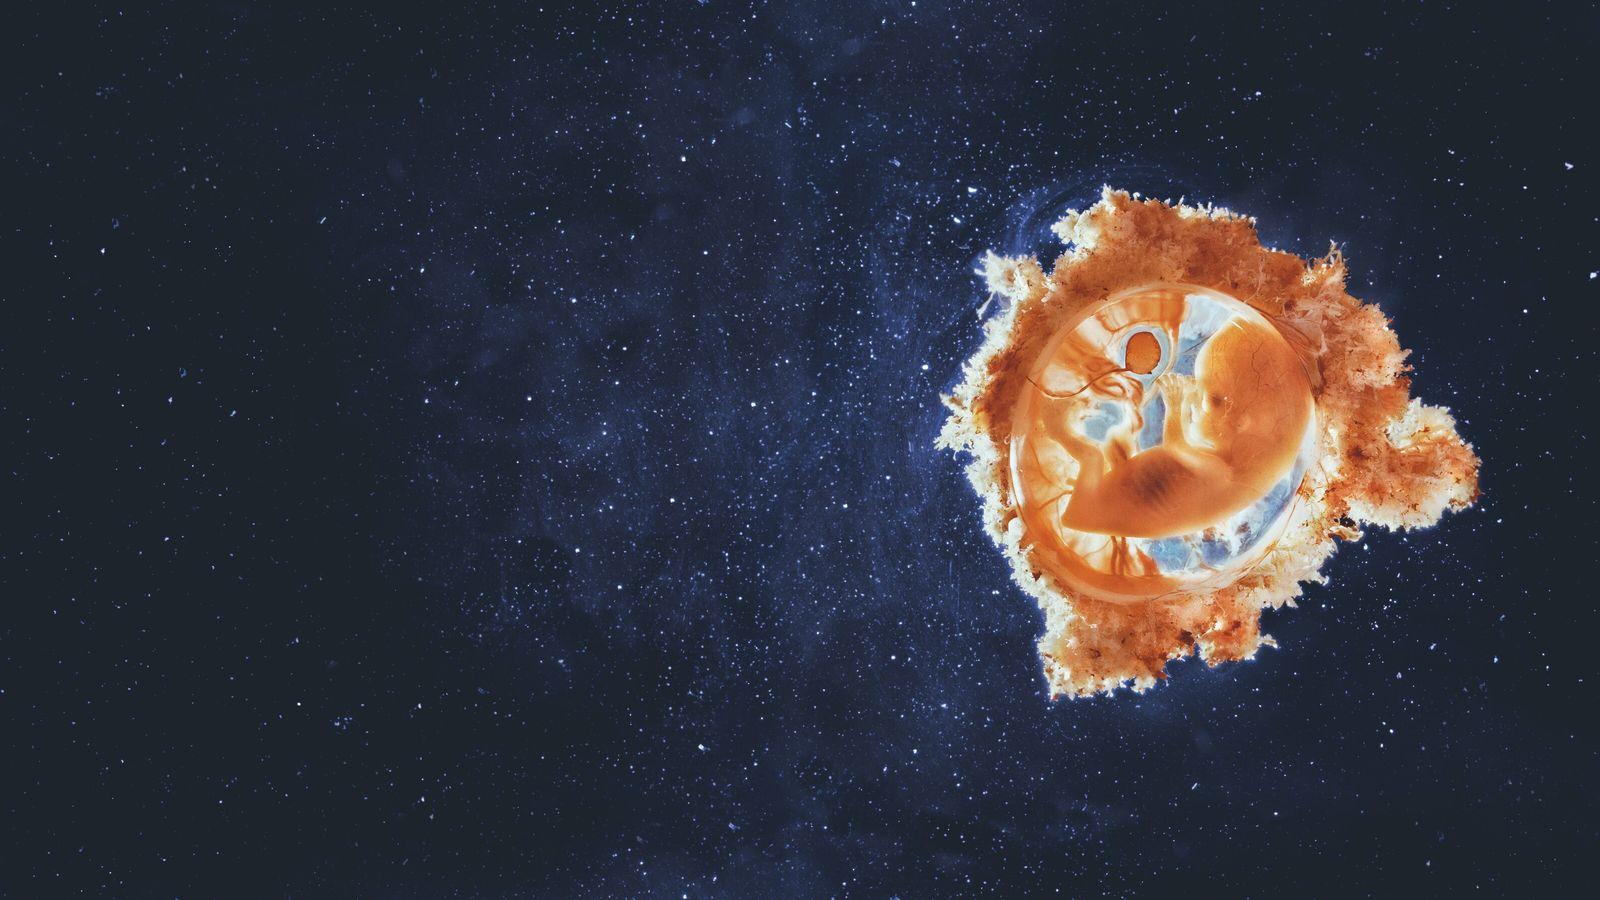 Agents de maladies, les virus font aussi des merveilles et façonnent l'évolution depuis le début de ...